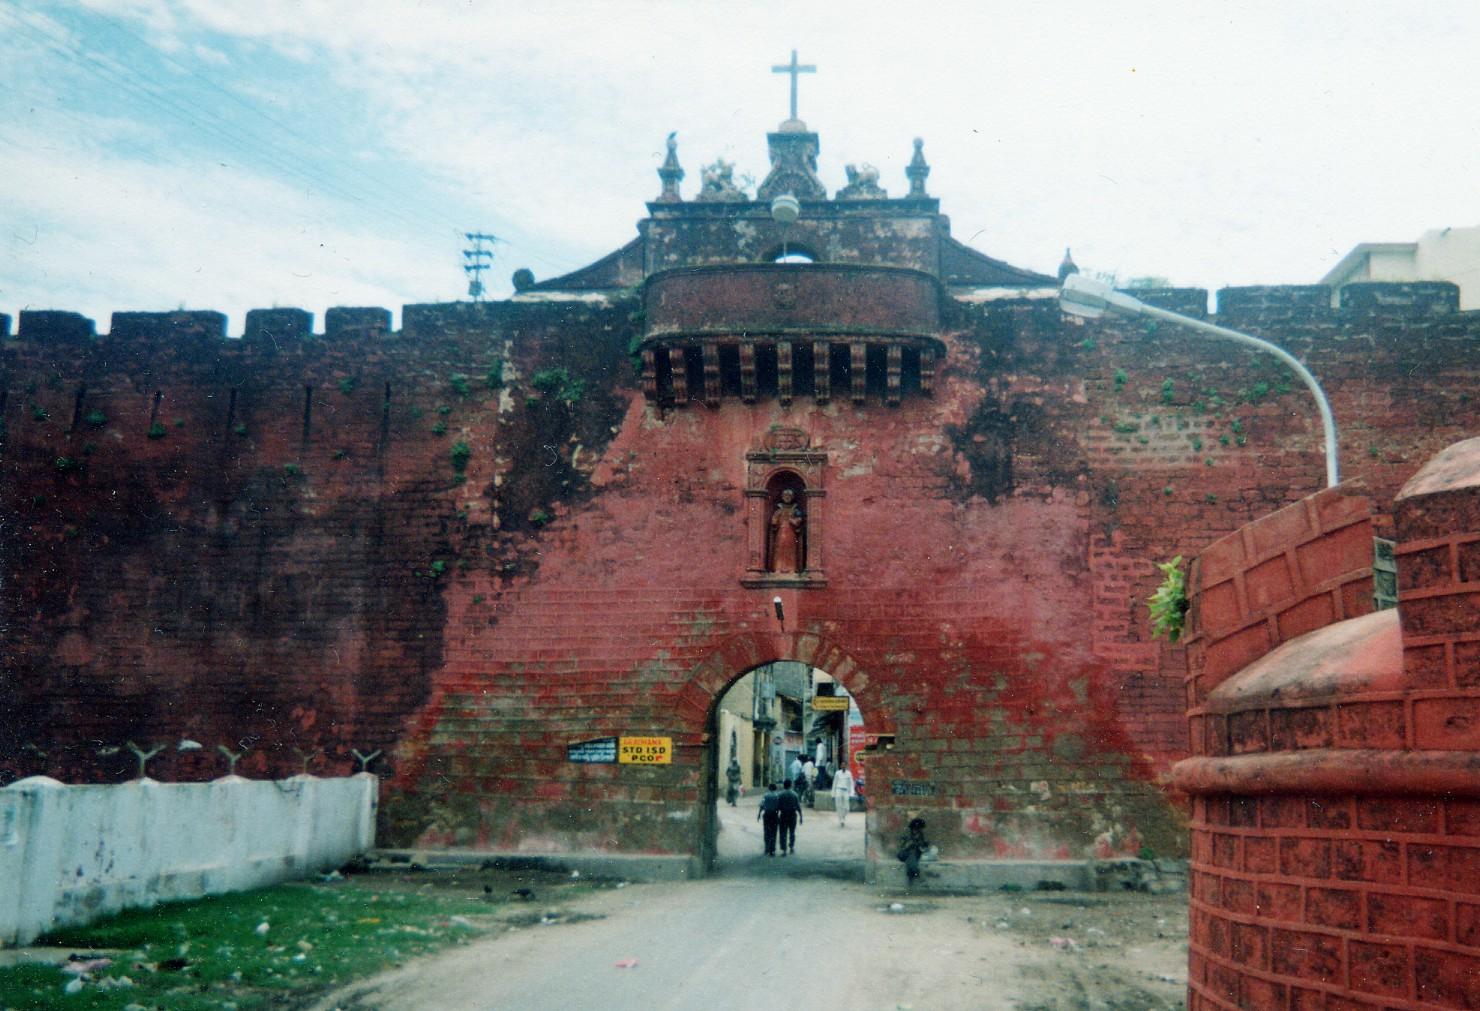 Diu India  city photos gallery : Places to visit in Diu And Daman: Diu Fort Diu www.vishvabhraman.com